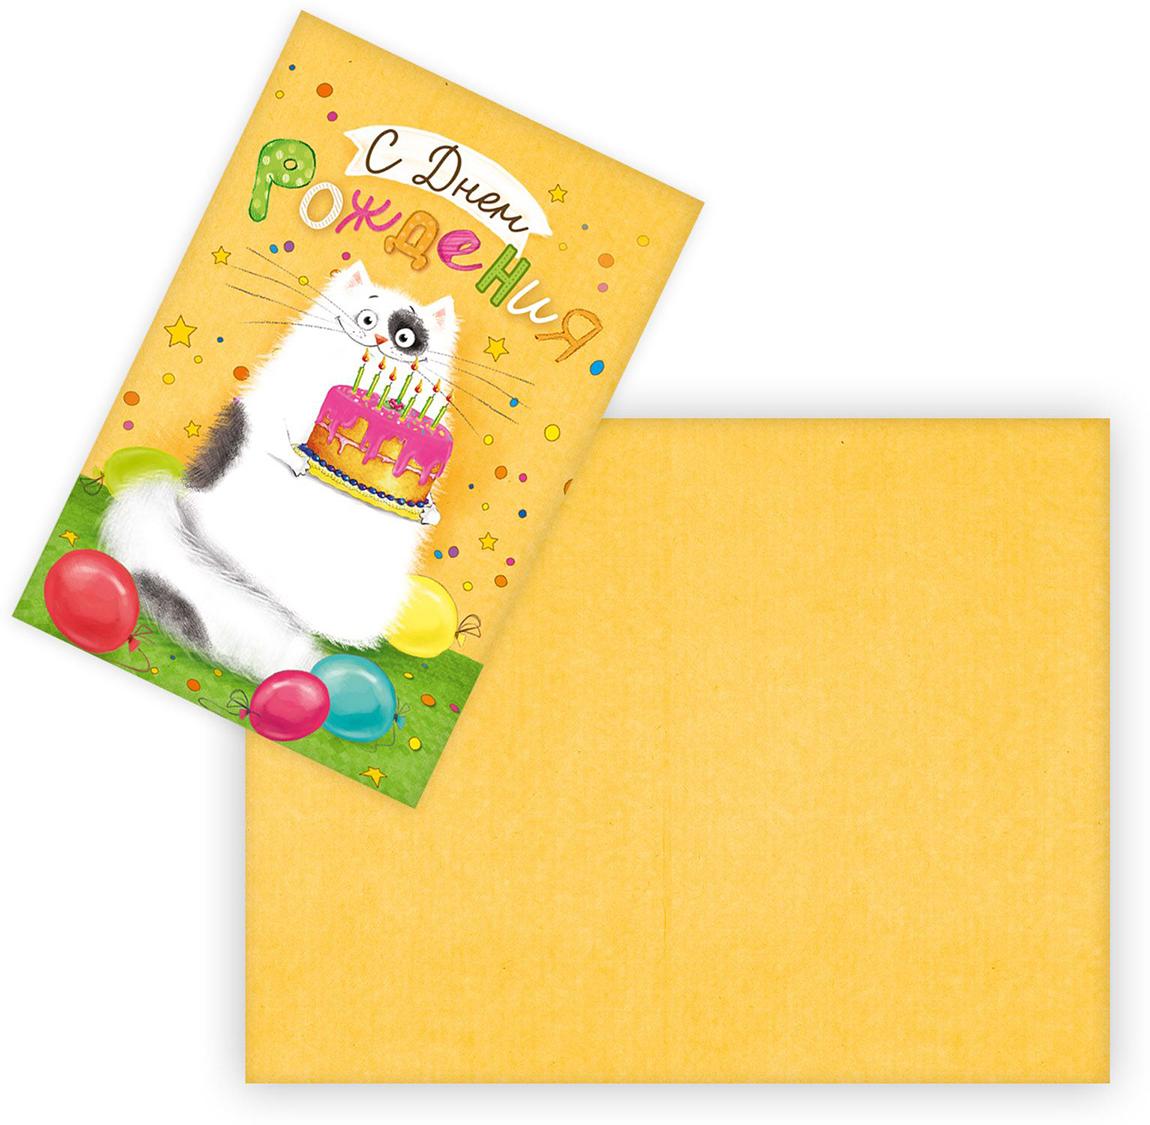 Мини-открытка Дарите Счастье С днем рождения!. Кот с тортом, 9х6 см2133984Выразить свои чувства и дополнить основной подарок тёплыми словами вам поможет Открытка . С ней ваше пожелание «Счастья, любви и здоровья» приобретёт трепетный и душевный подтекст. А воспоминания о праздничном дне ещё долго будут радовать адресата.Среди нашего ассортимента печатной поздравительной продукции вы выберете открытку для любого праздника и повода.